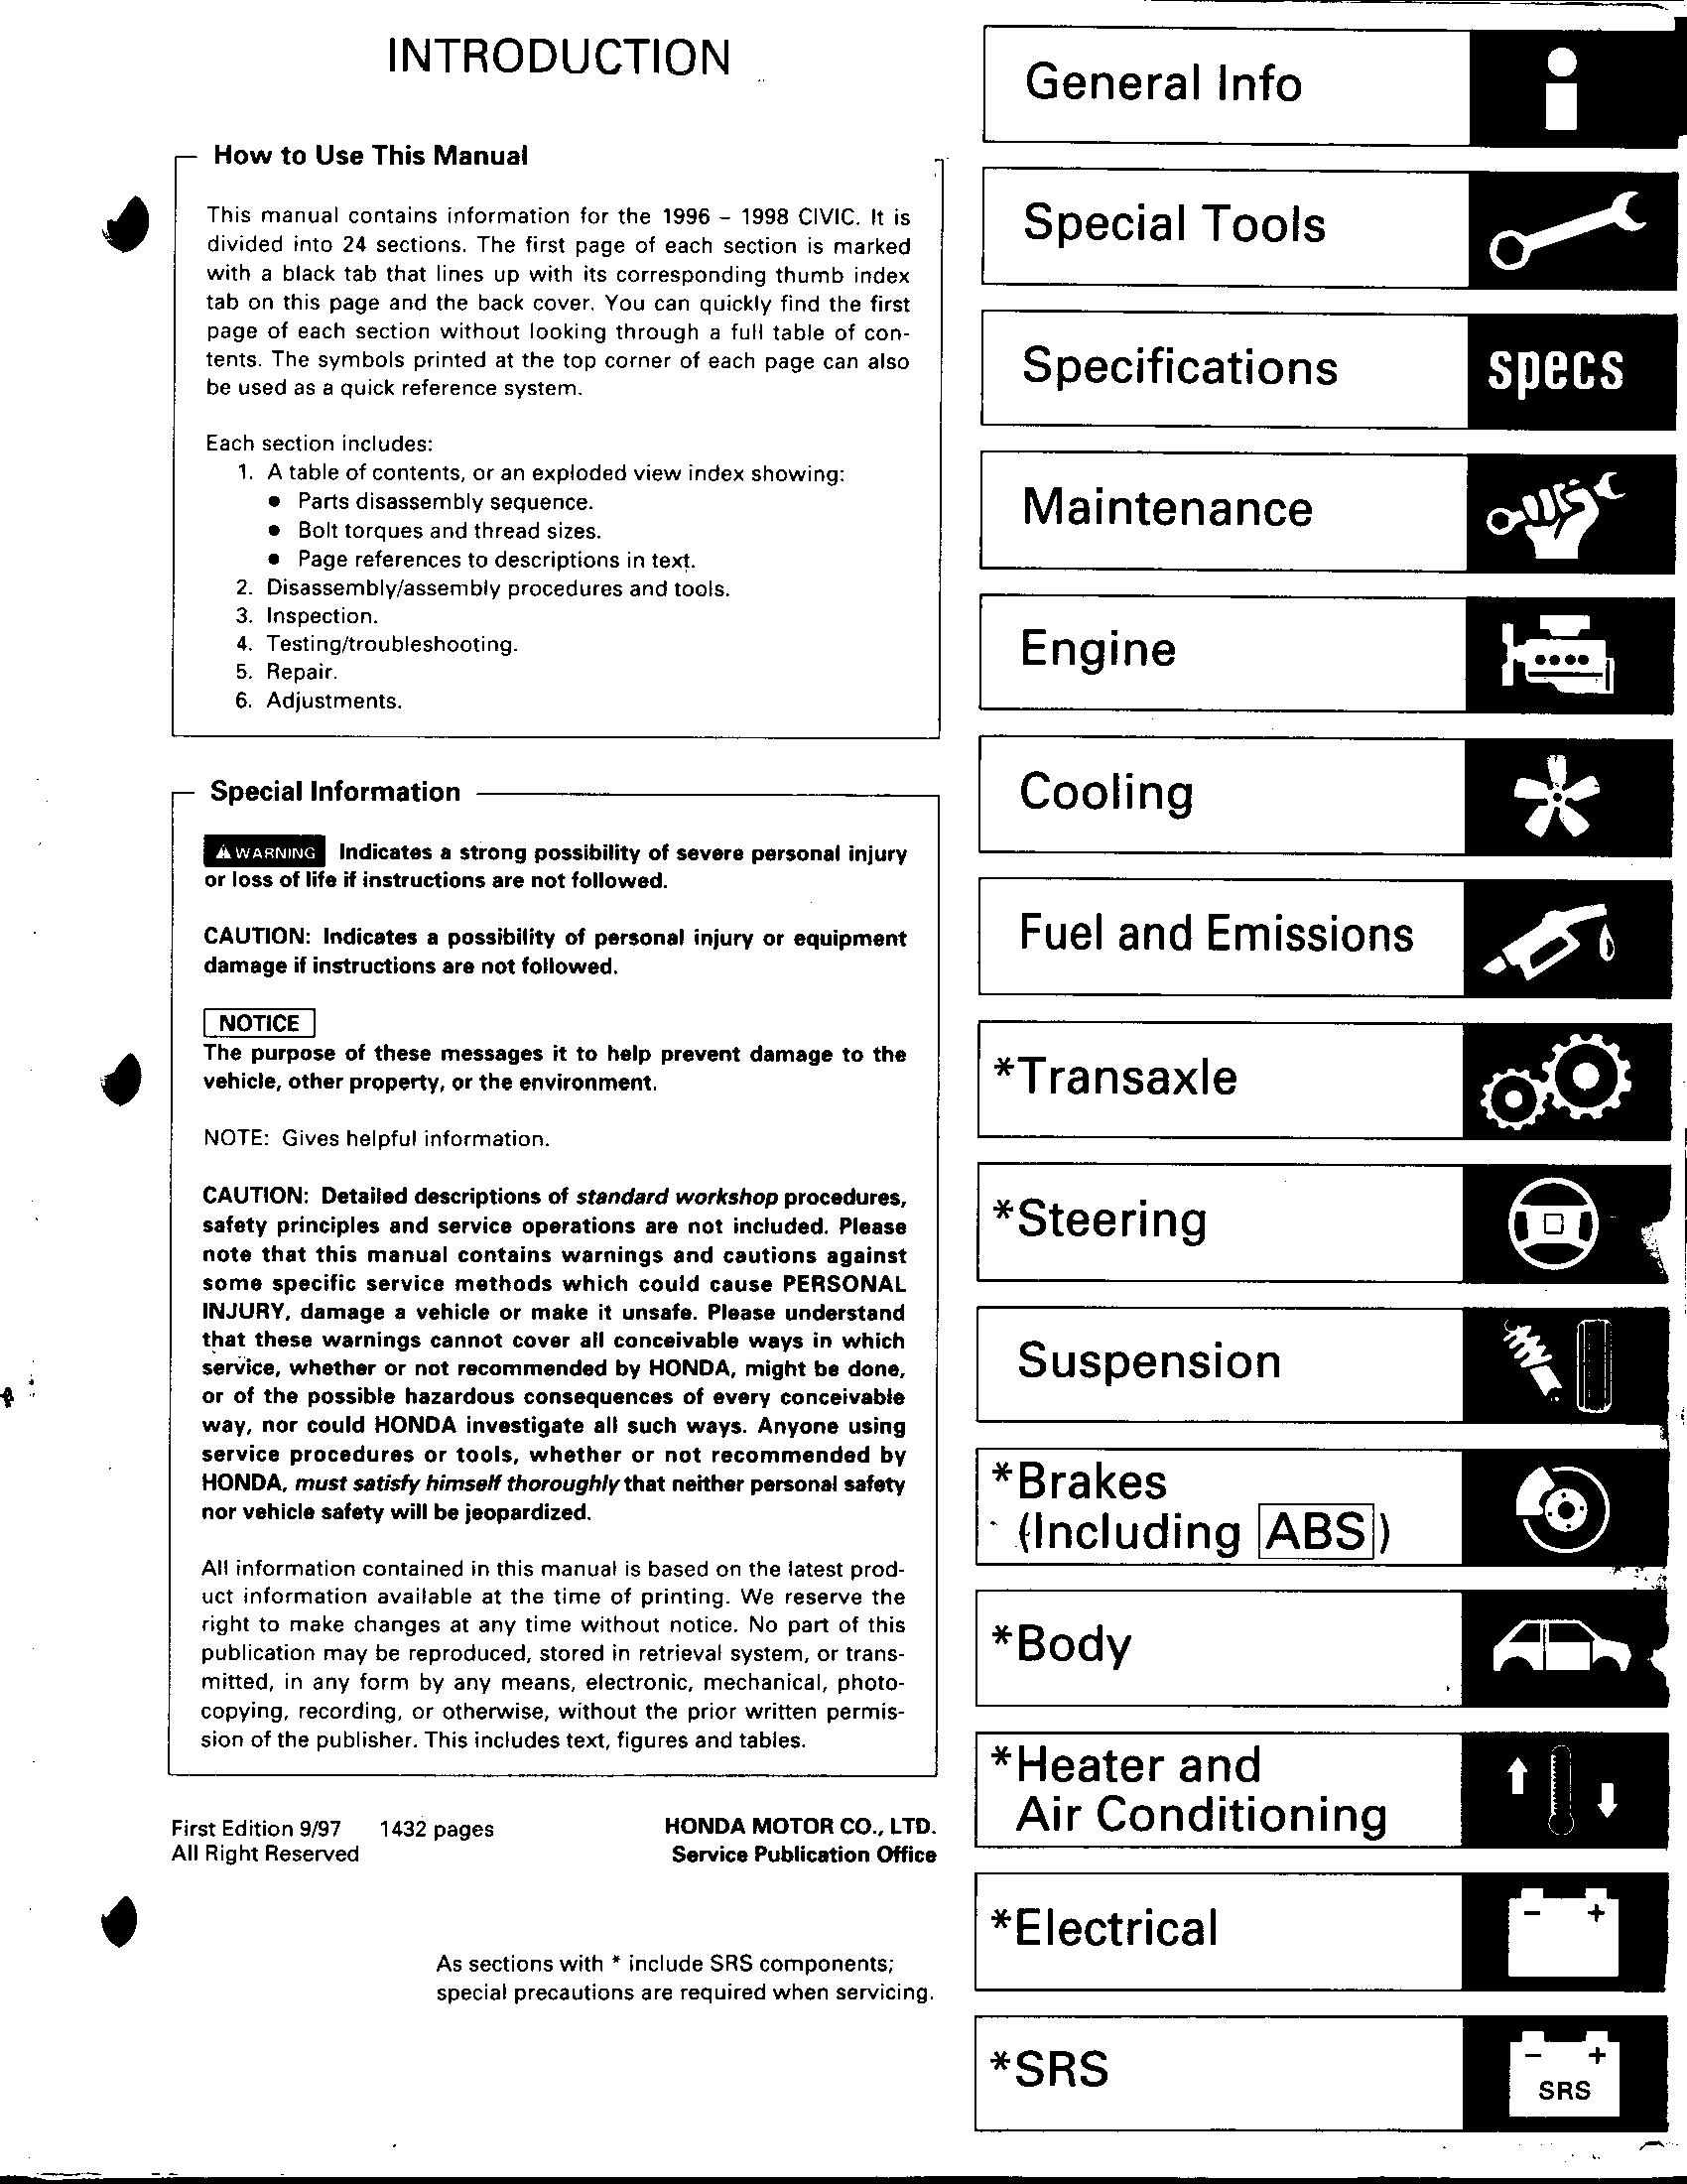 Honda Civic (96 98) Service Manual.pdf - Honda Civic - samochody i ...